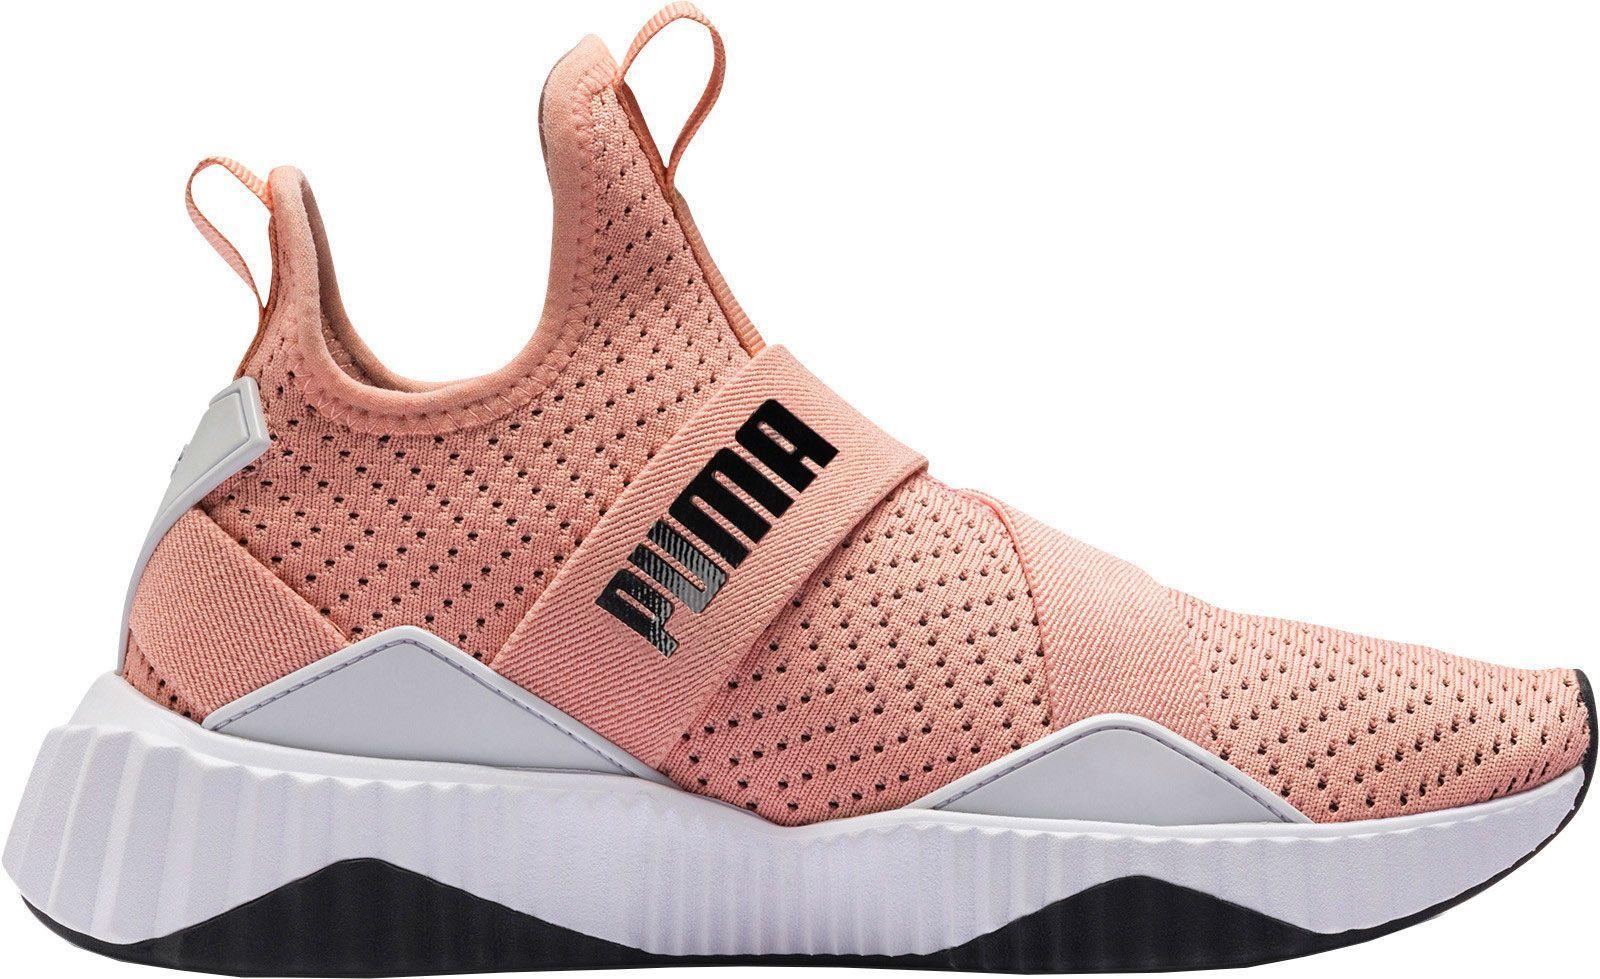 PUMA Women's Defy Mid Core Shoes | Latest ladies shoes